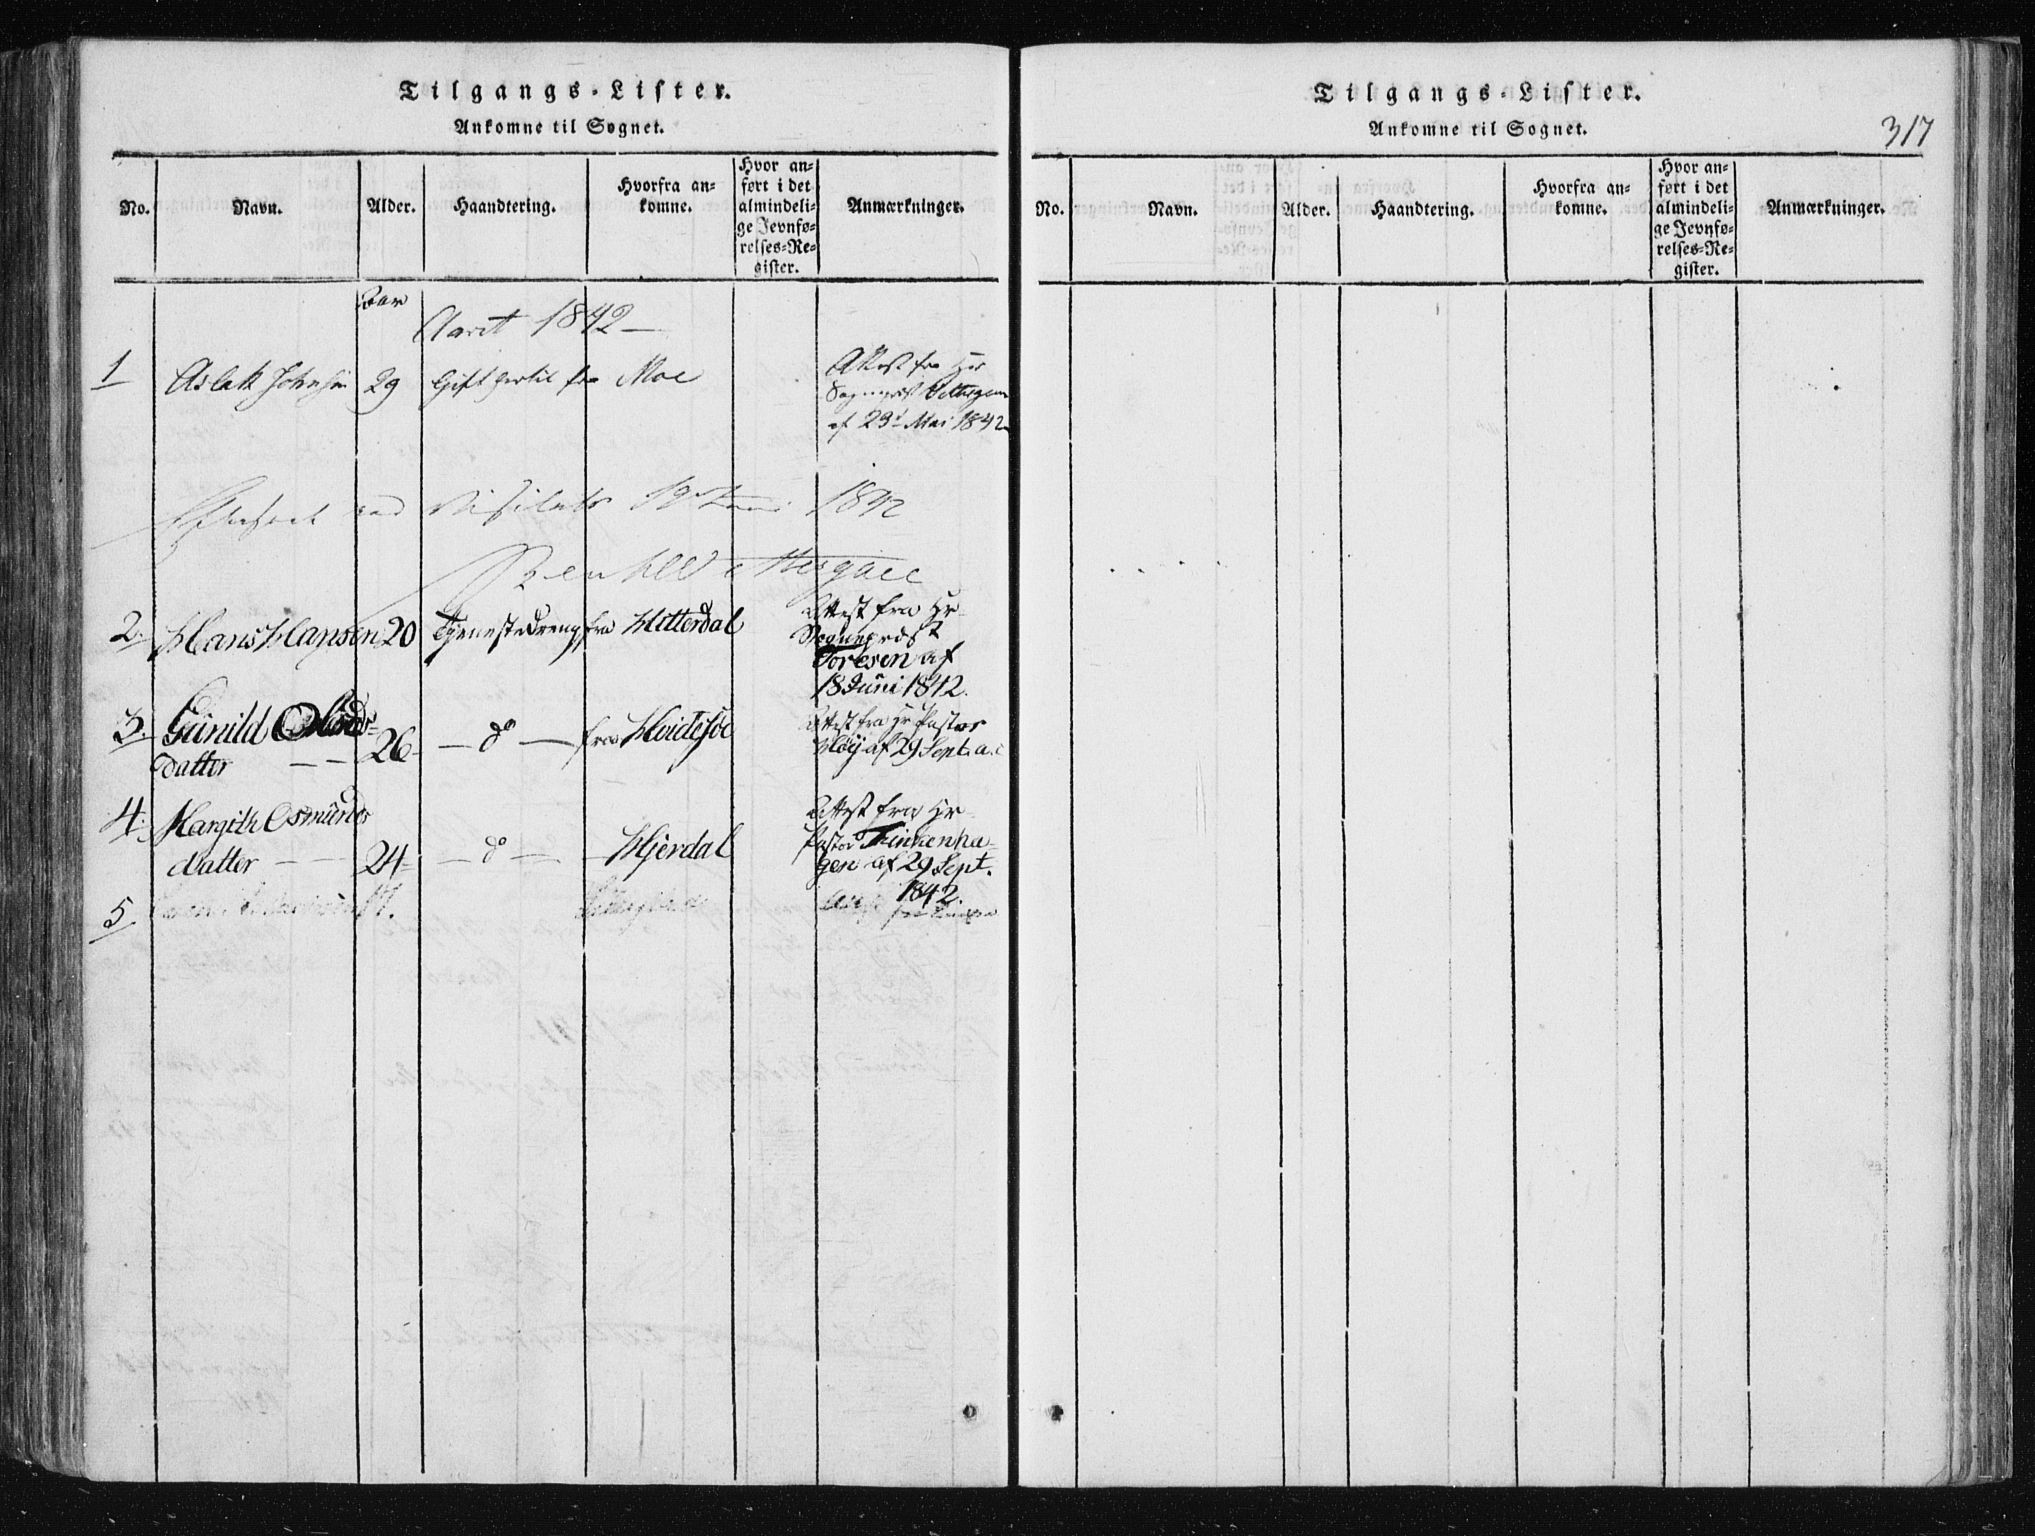 SAKO, Vinje kirkebøker, F/Fa/L0003: Ministerialbok nr. I 3, 1814-1843, s. 317